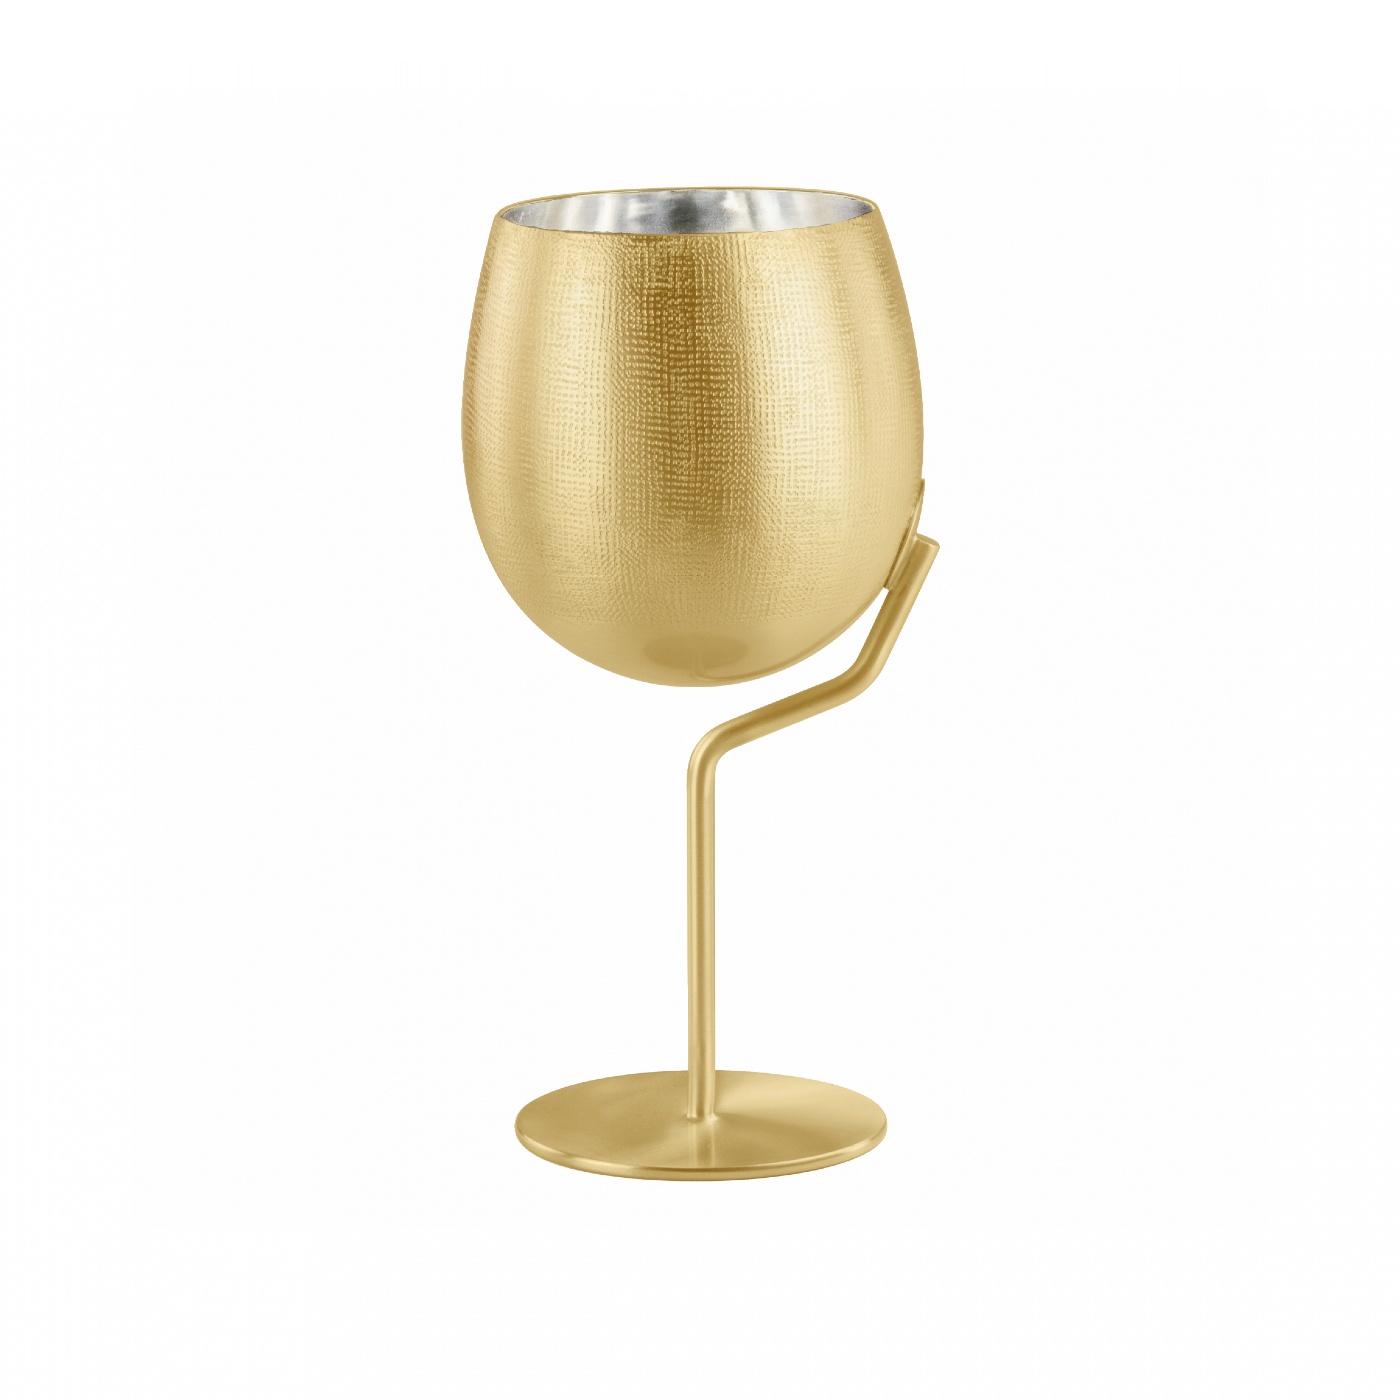 calice-vino-interno-rodio-velvet-1-collection-zanetto-italia